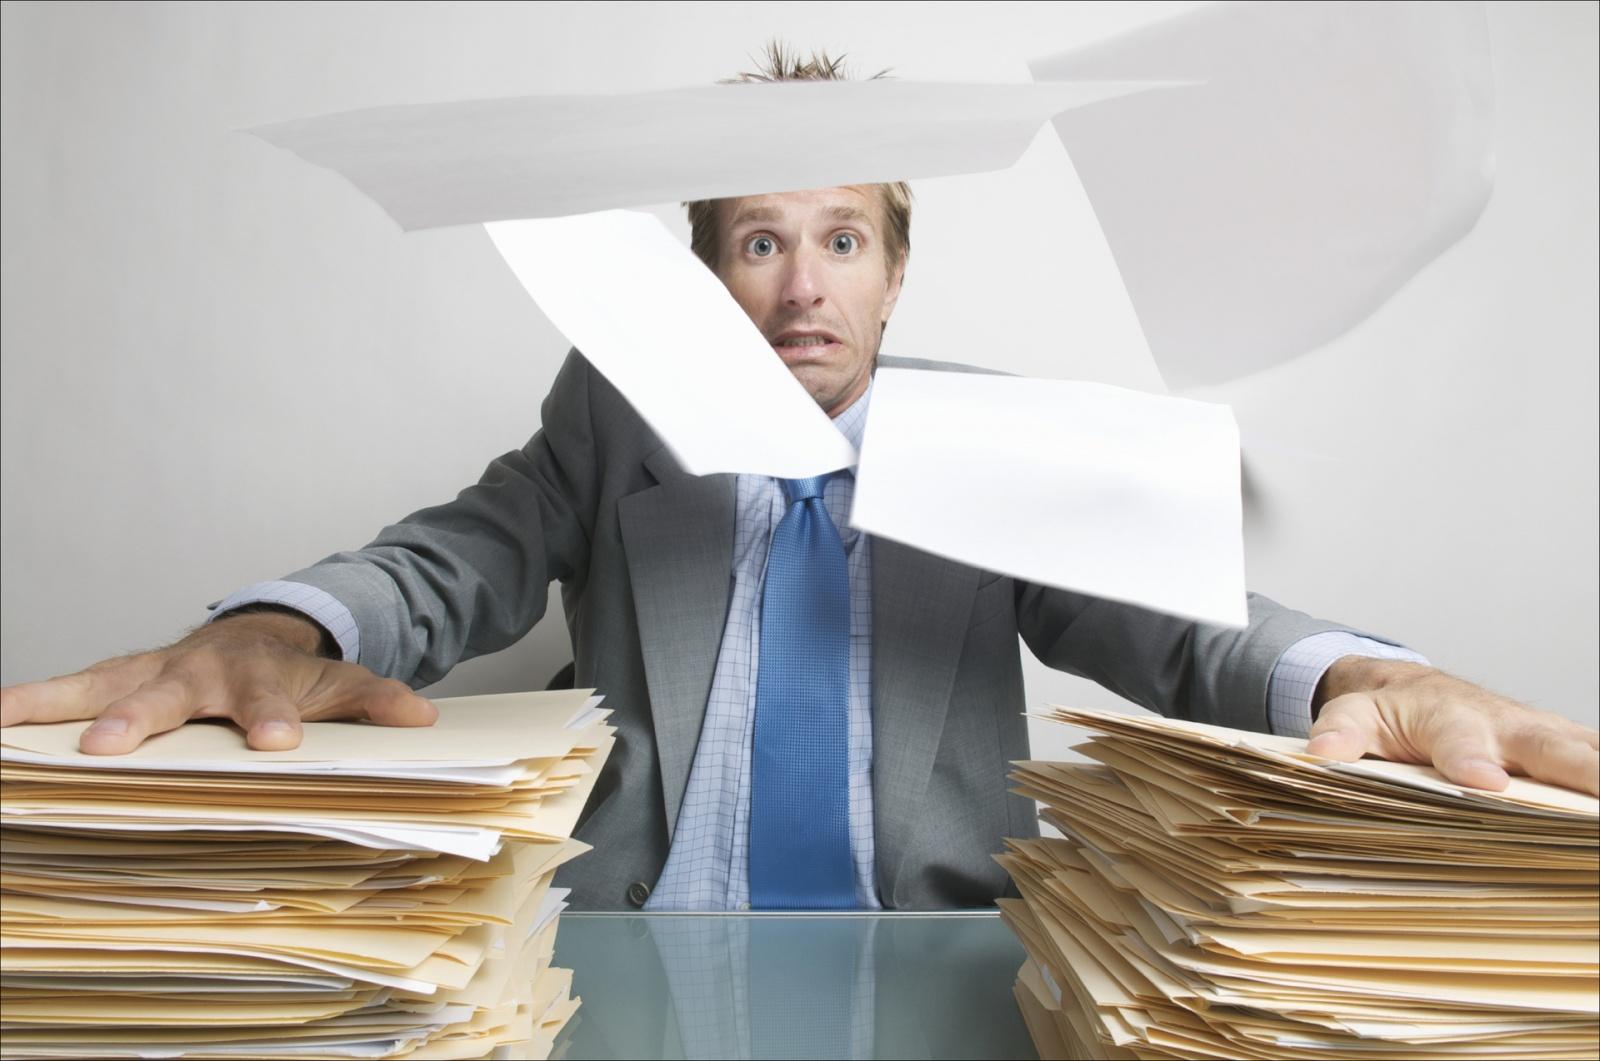 Принтер — находка для шпиона. Как сделать печать в компании безопасным и экономичным процессом - 2